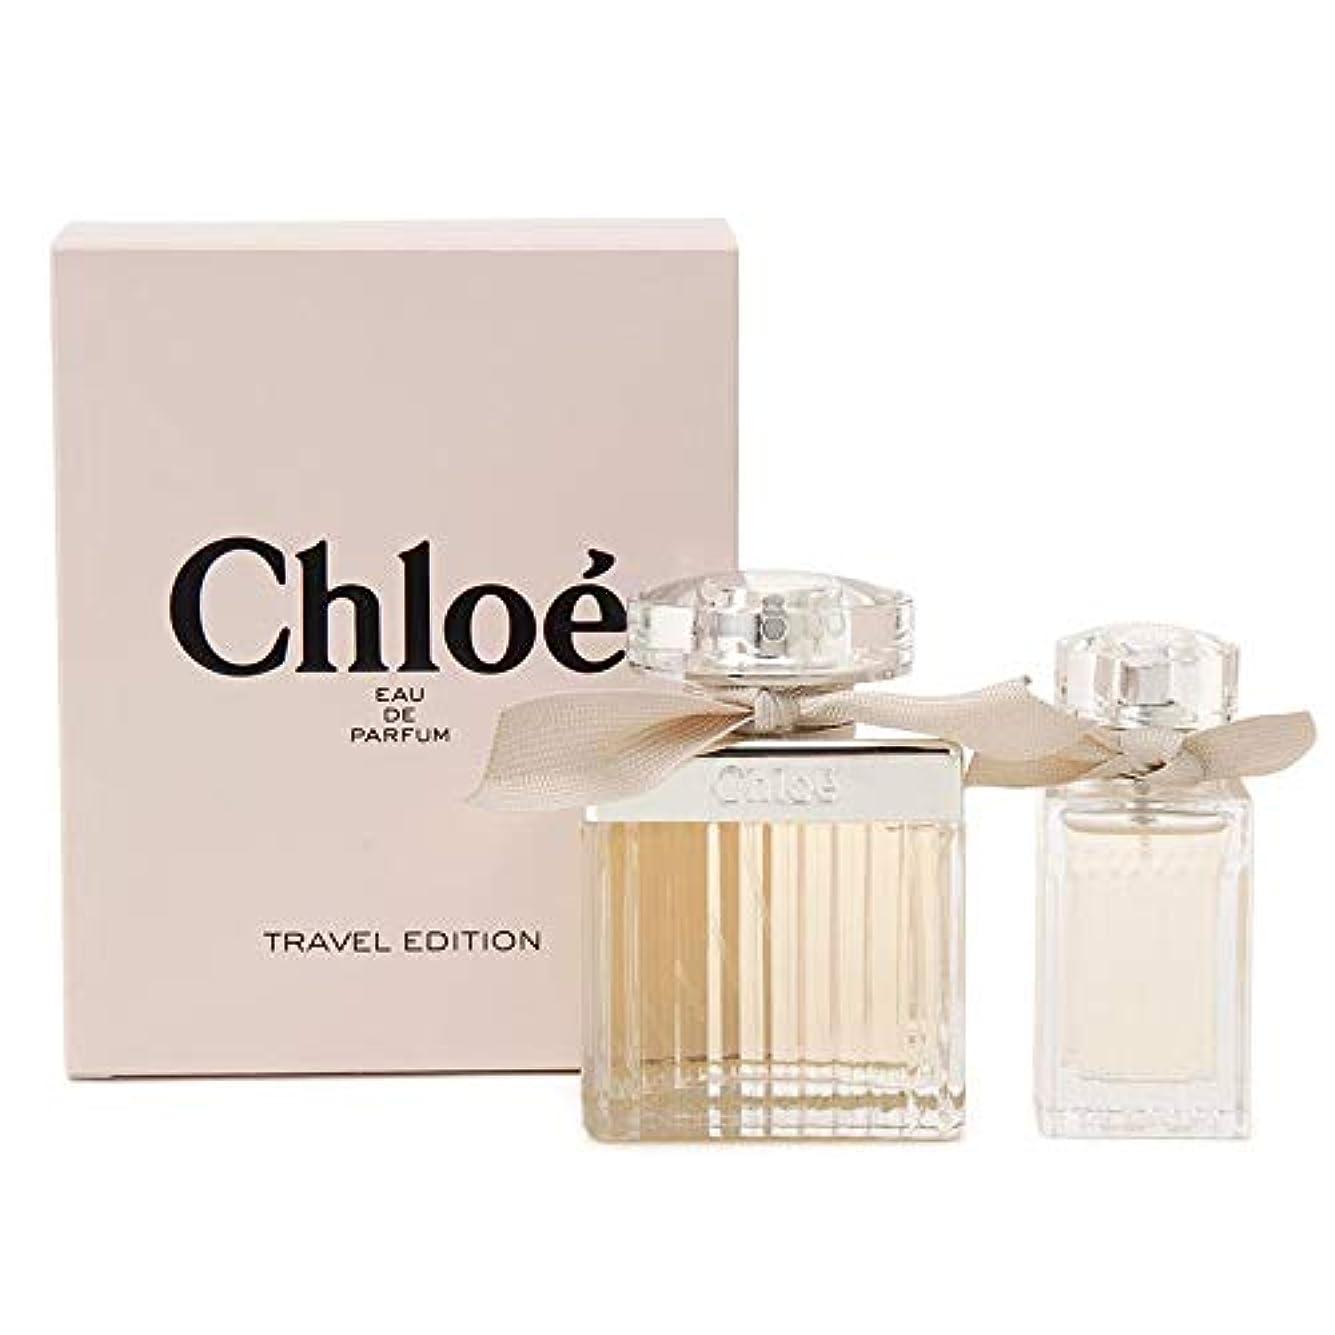 魔術破滅的なリングクロエ chloe オードパルファム 香水セット 20ml 75ml 2P 香水 レディース 女性用 フレグランス [並行輸入品]